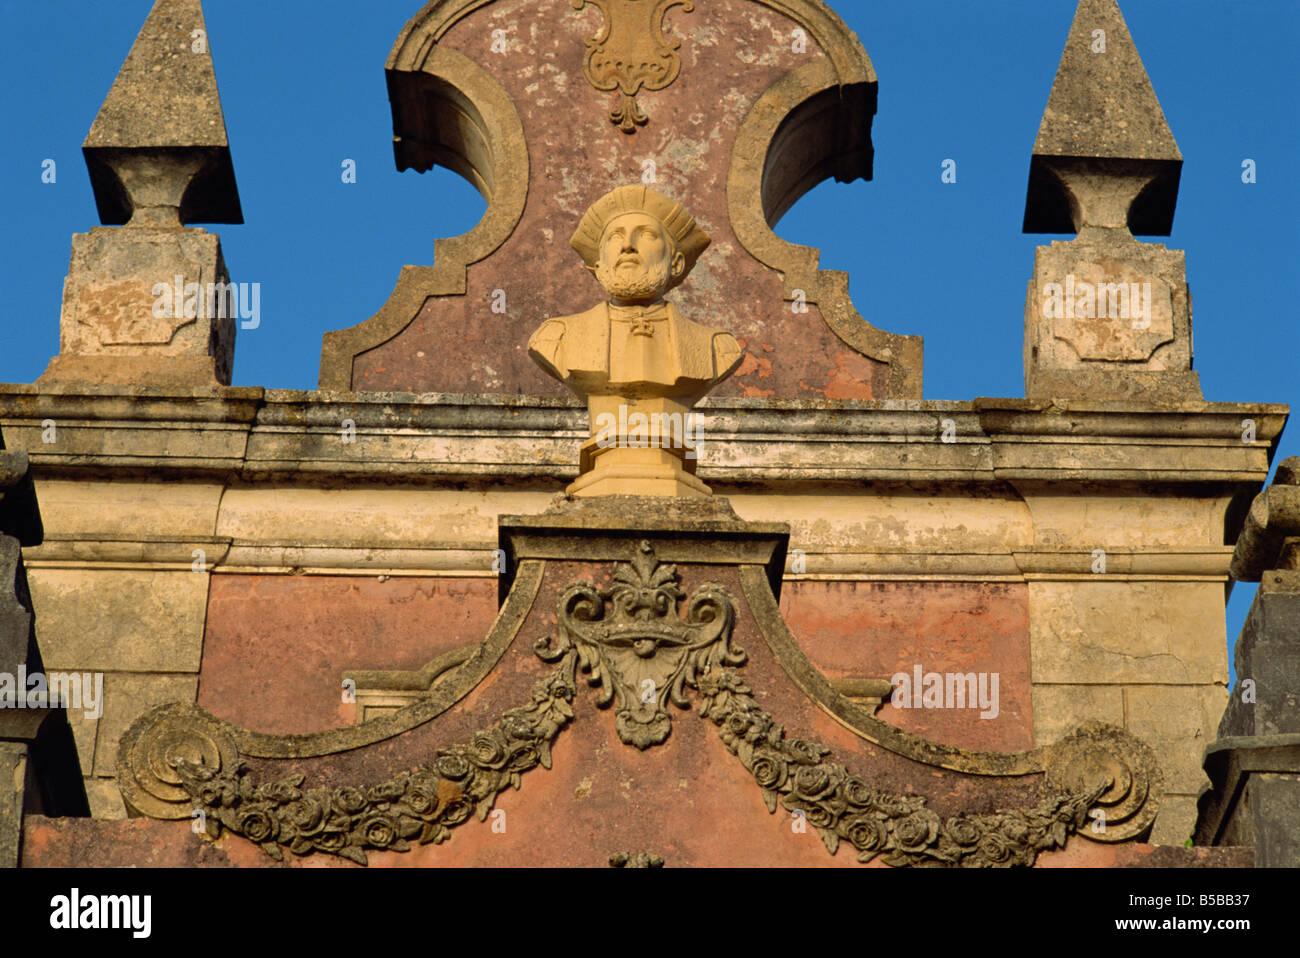 Busto di Vasco da Gama nei giardini del palazzo di Estoi C diciottesimo a C XIX secolo a Estoi Faro in Algarve Portogallo Immagini Stock